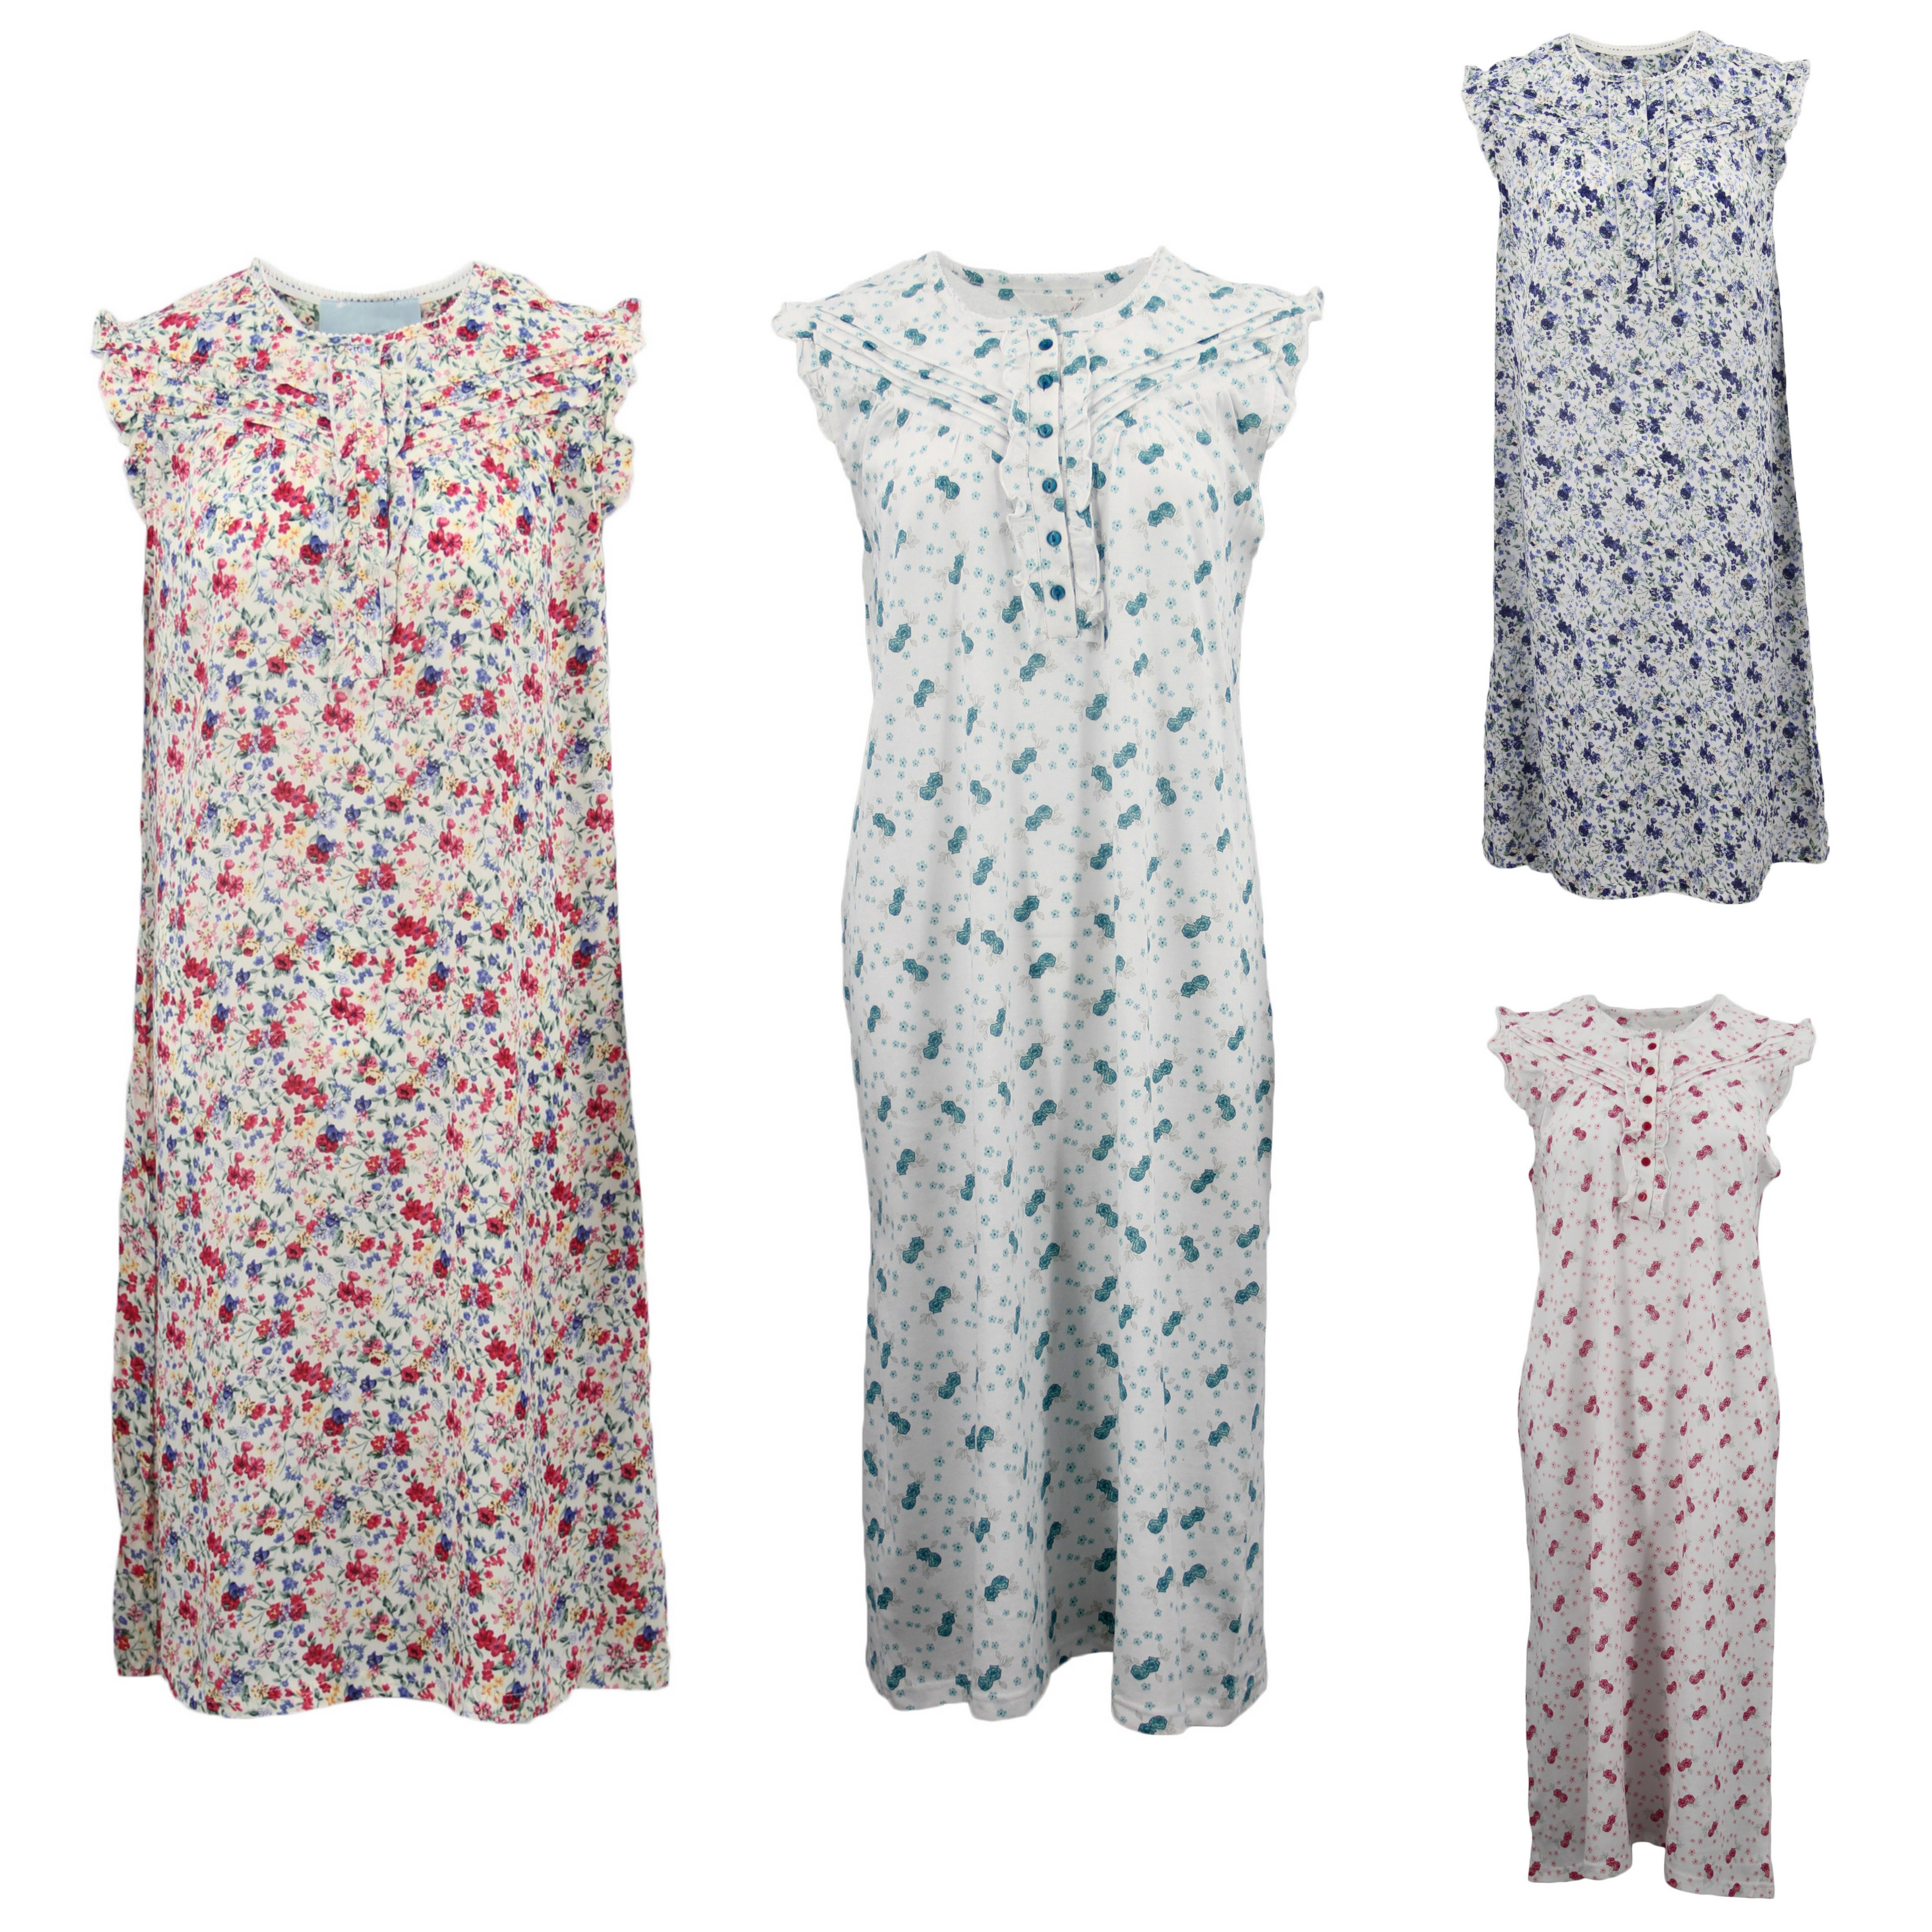 Women s 100% Cotton Sleeveless Sleepwear Pajamas Lace Night Gown Nightie  Pyjamas eabe9c66a